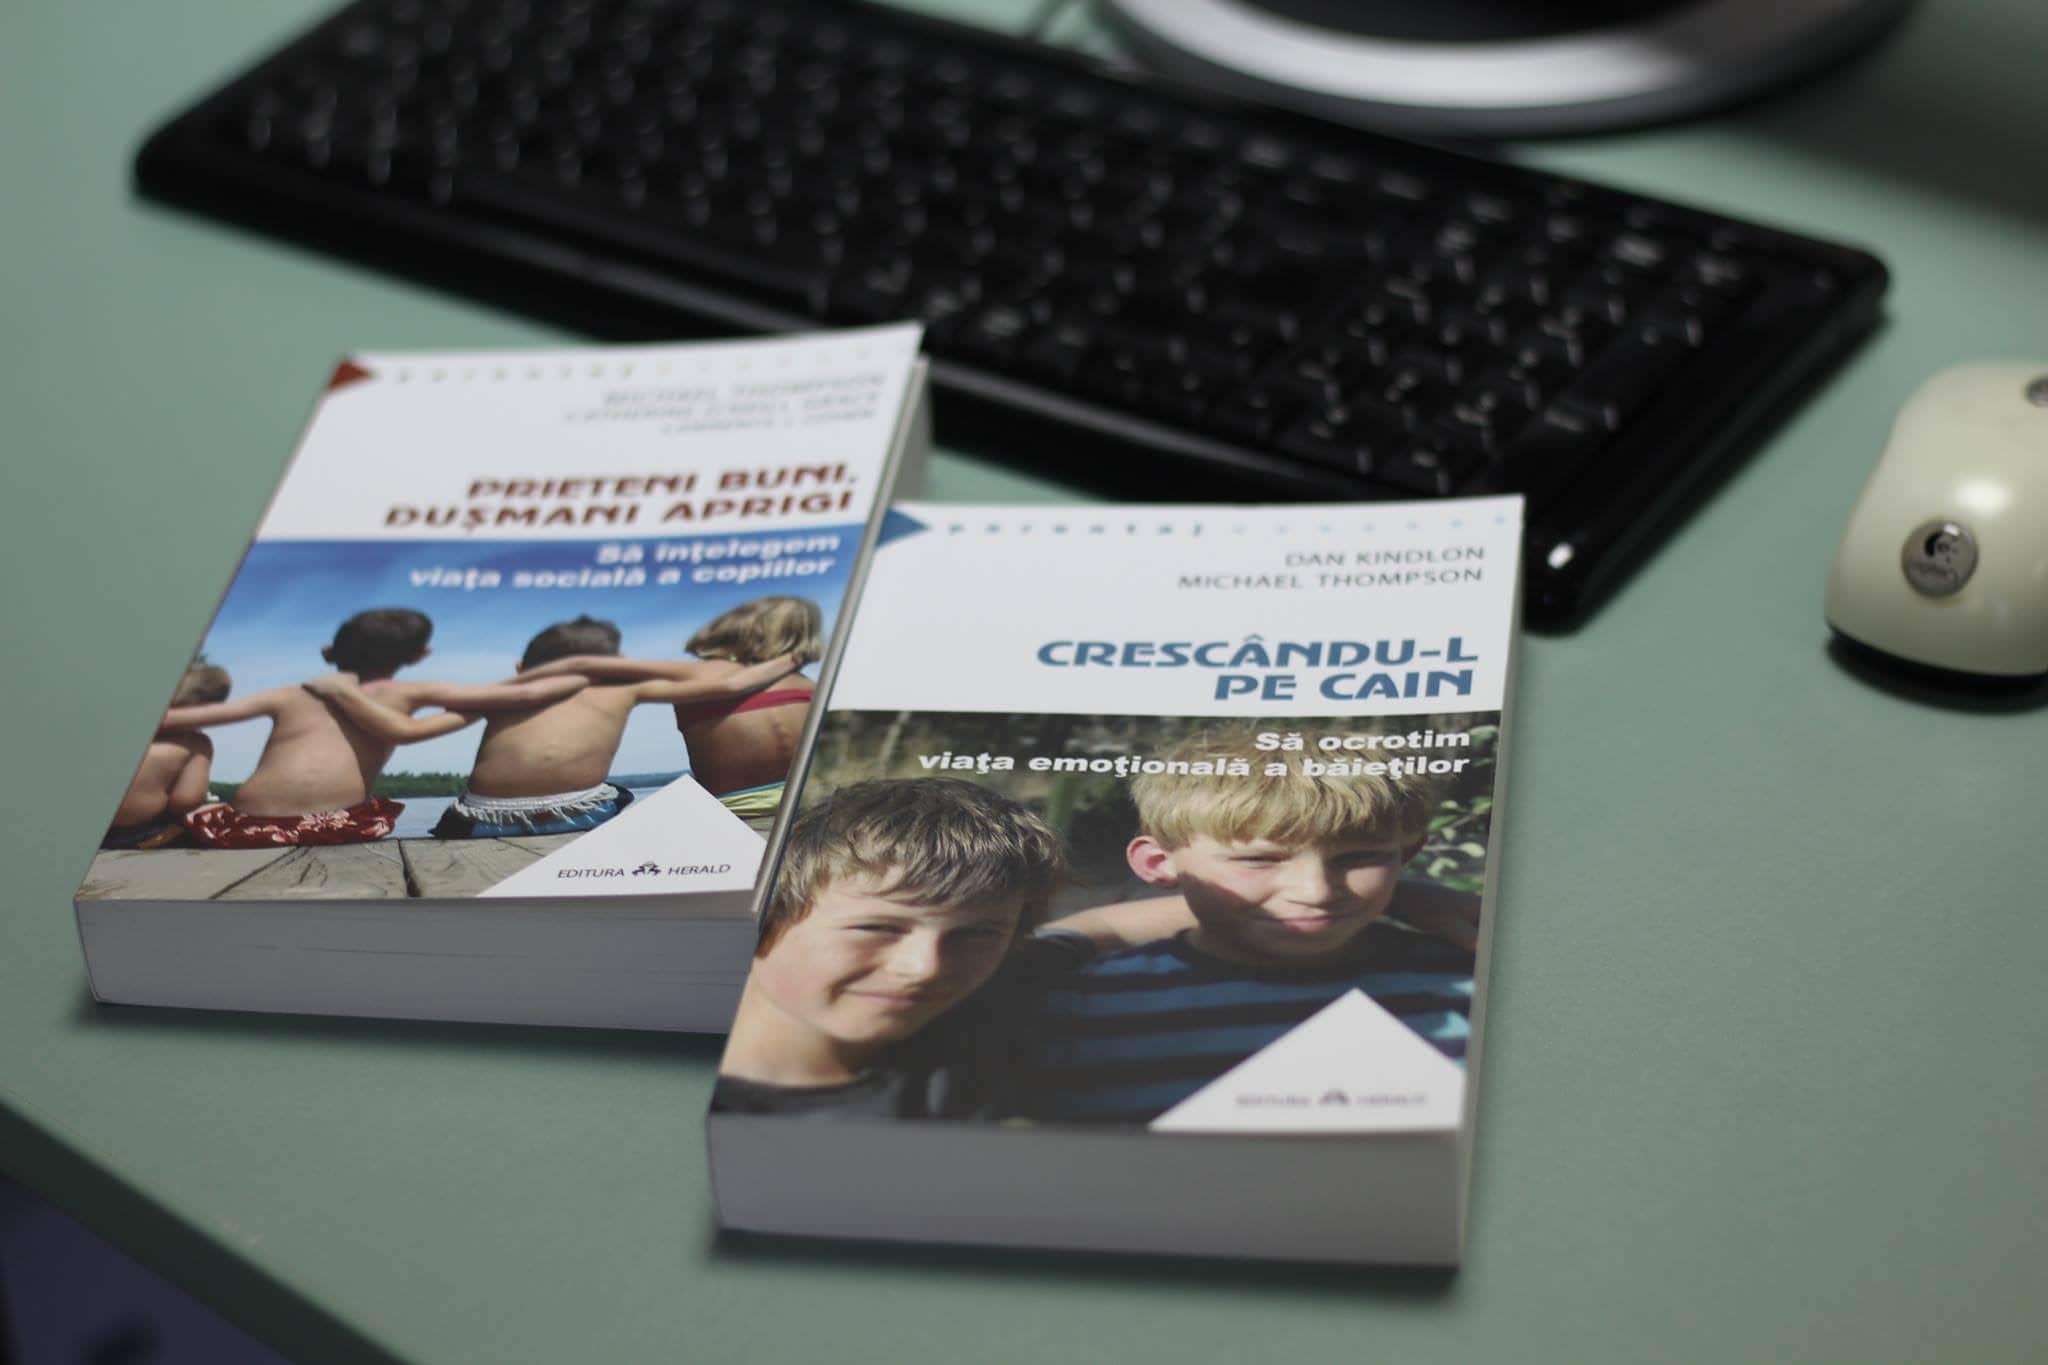 Despre cărțile lui Michael Thompson și un reminder pentru conferință